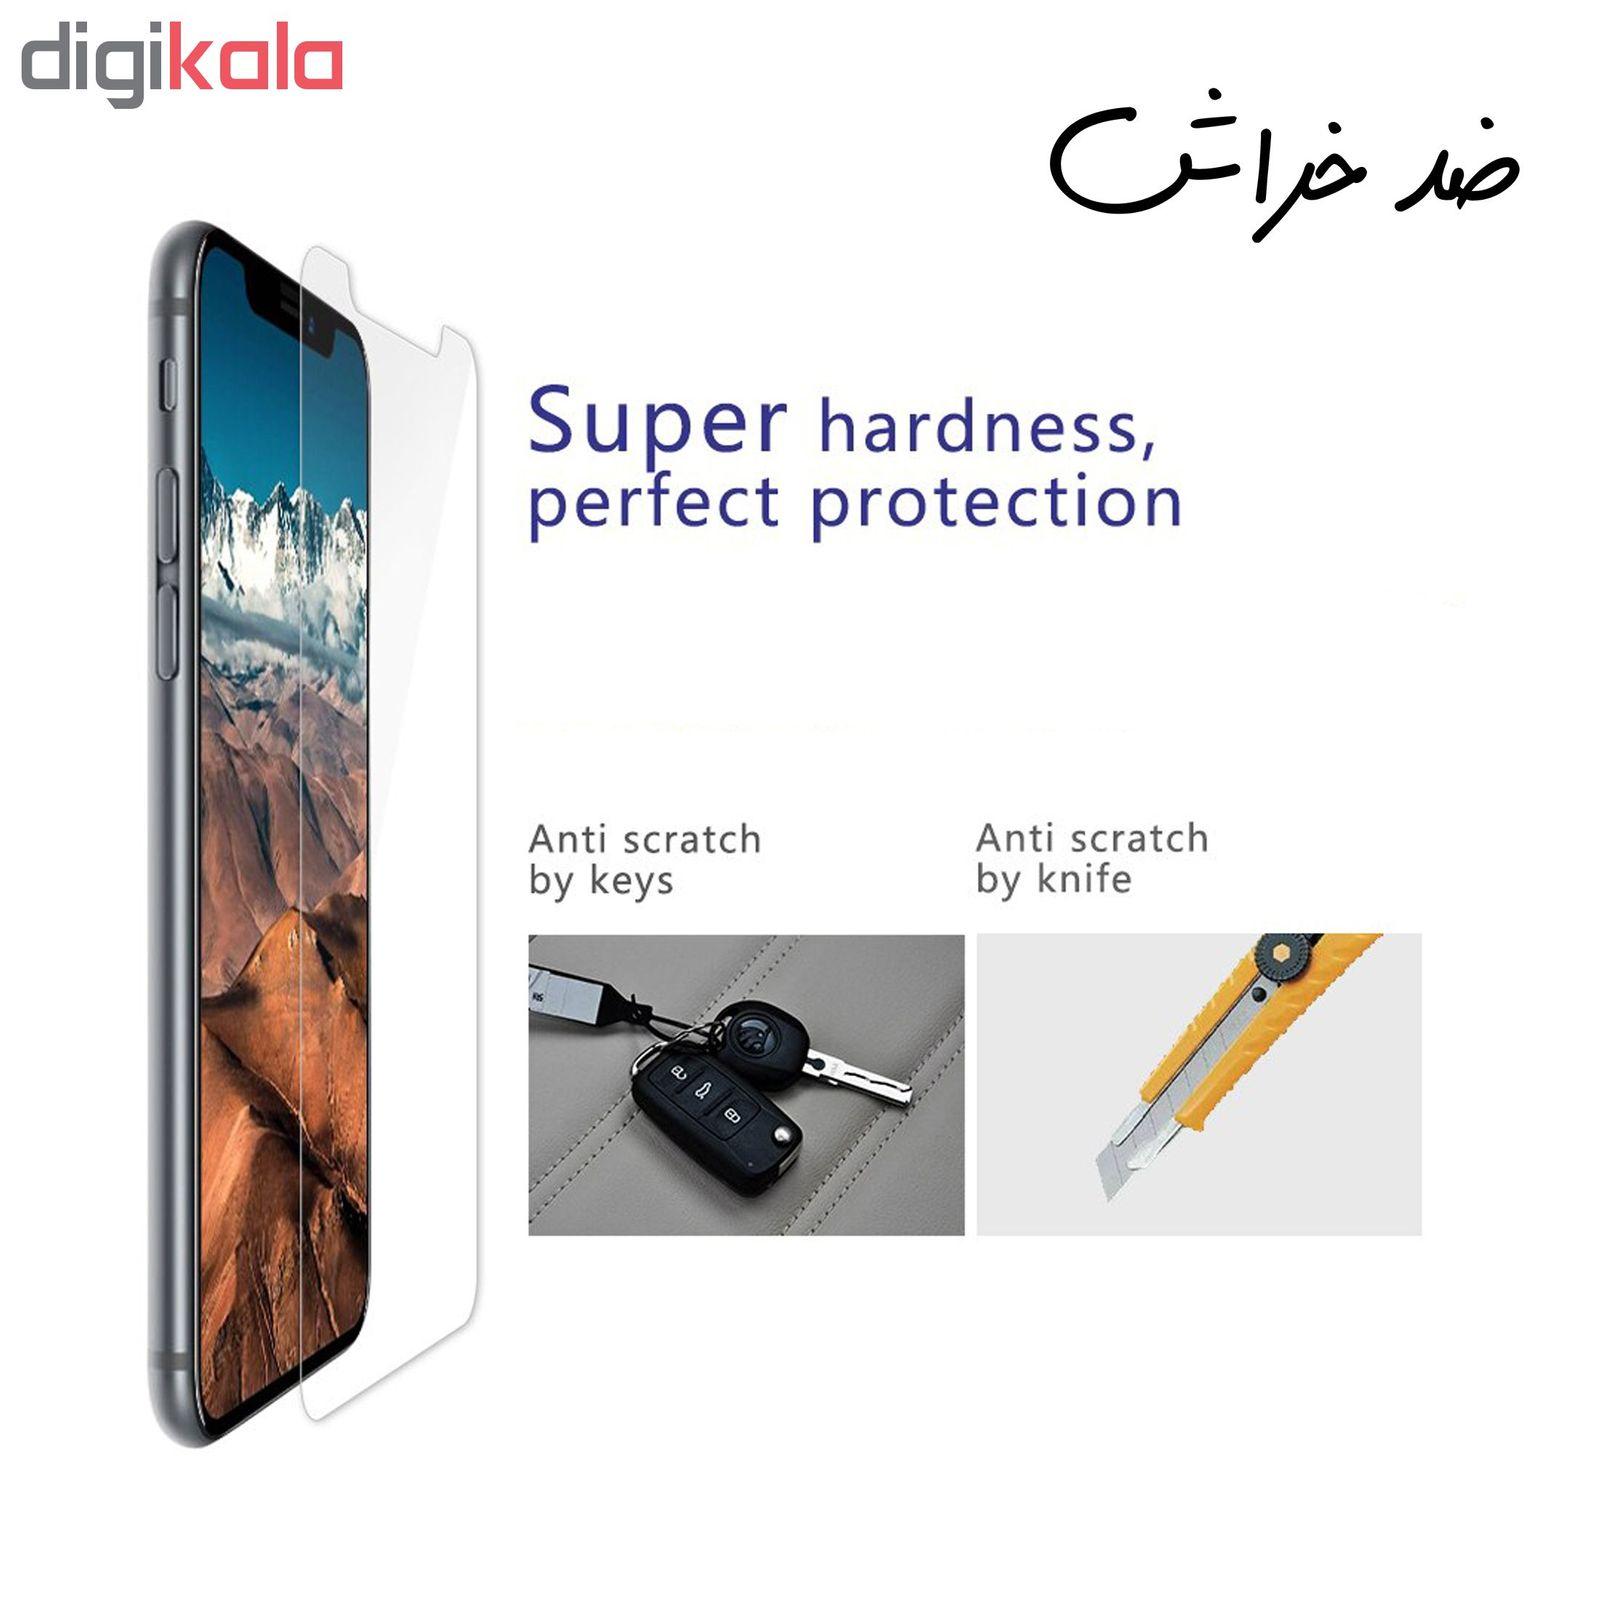 محافظ صفحه نمایش Hard and thick مدل F-001 مناسب برای گوشی موبایل سامسونگ Galaxy S10 plus main 1 4